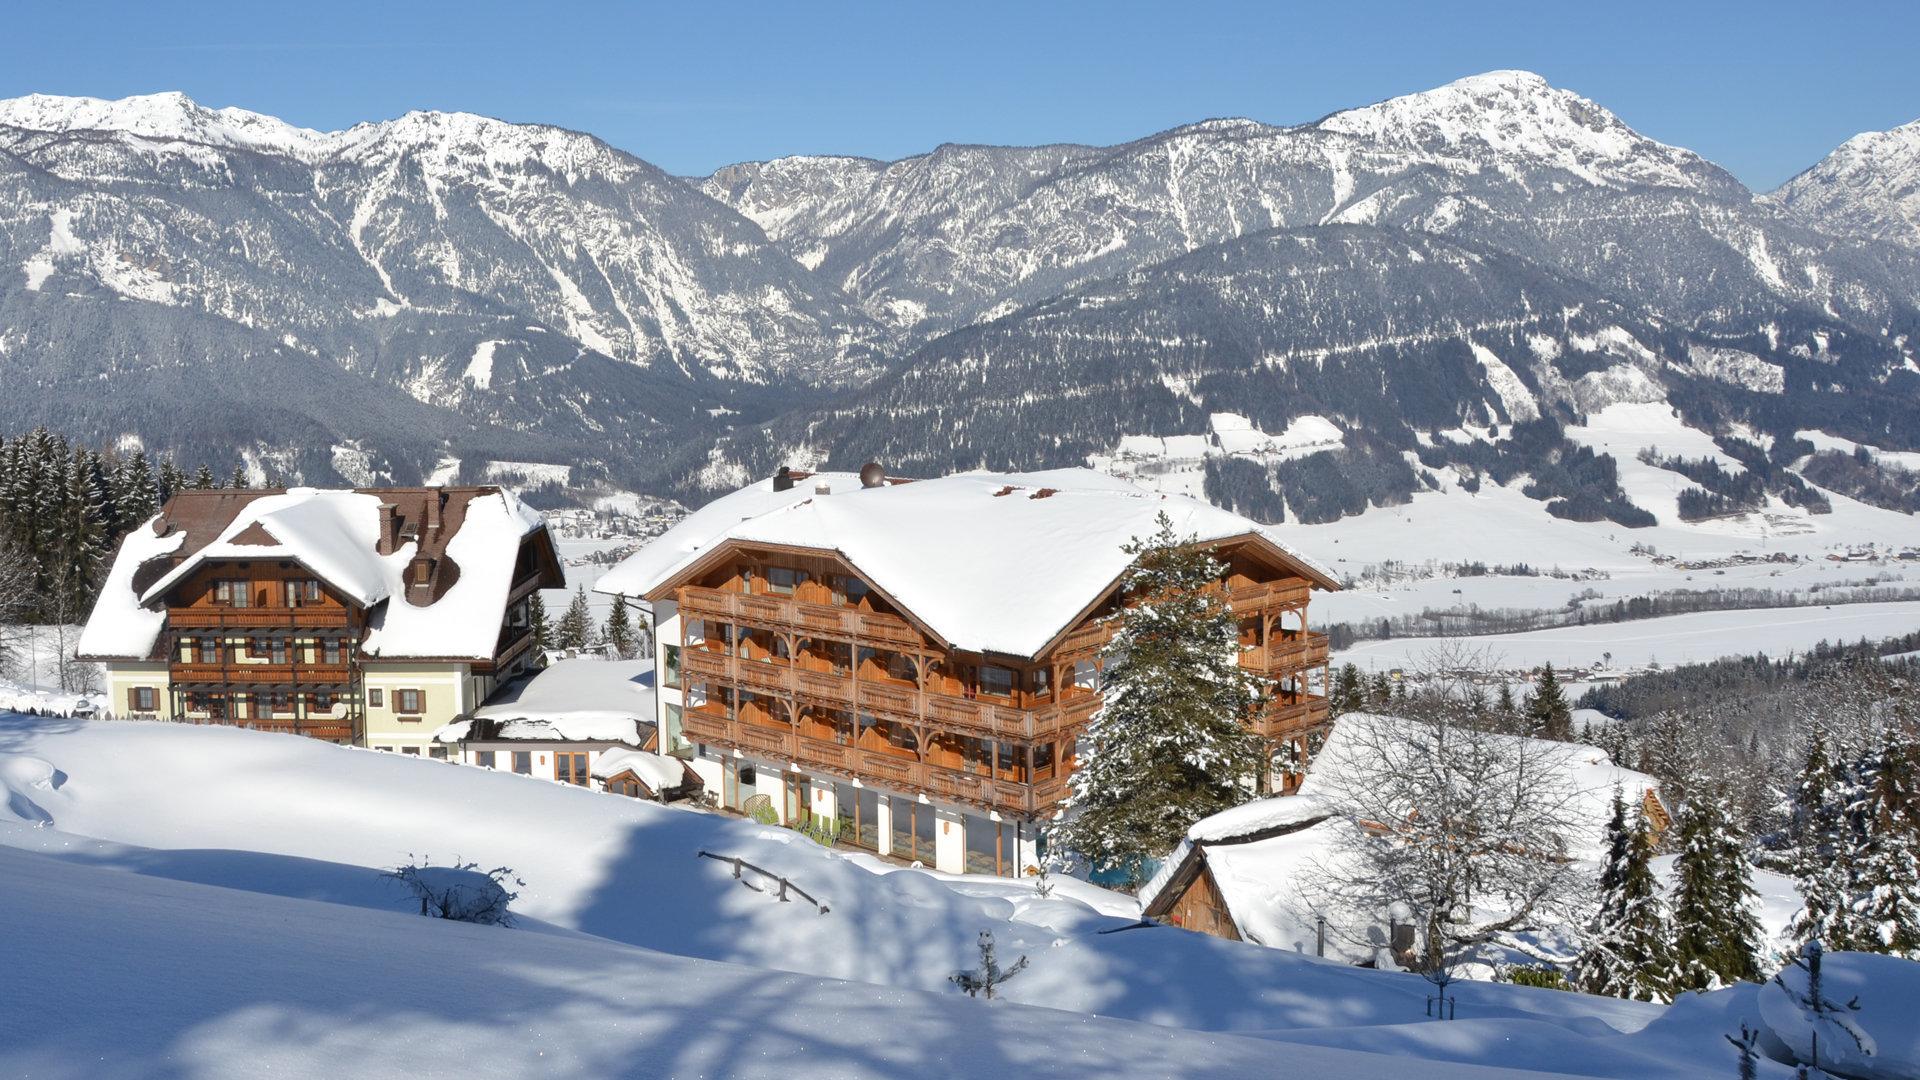 Wellnesshotel h flehner 4 superior hotel schladming for Stylische wellnesshotels